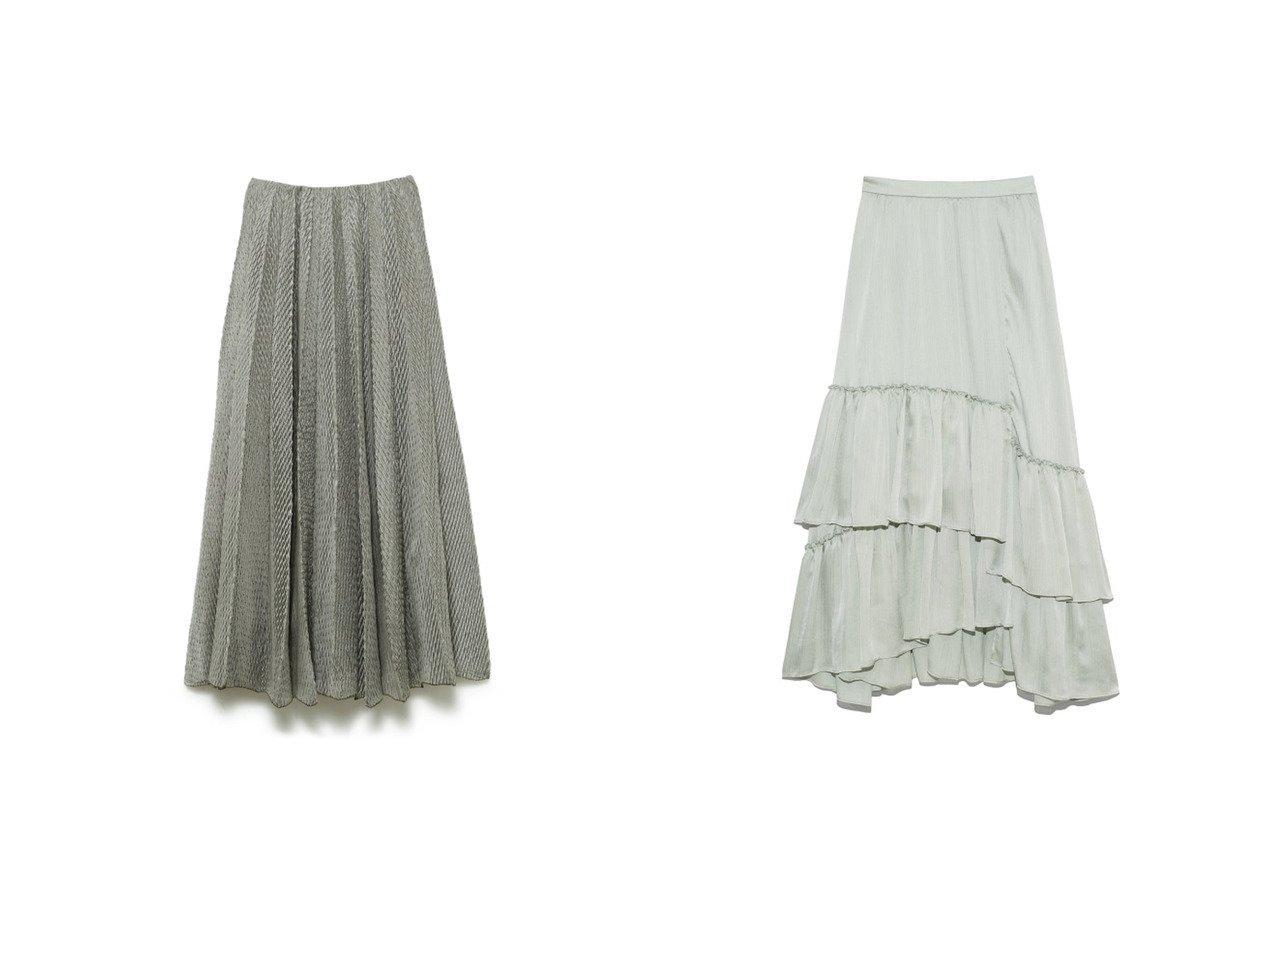 【Lily Brown/リリーブラウン】のランダムティアードスカート&【FRAY I.D/フレイ アイディー】のシフトプリーツスカート 【スカート】おすすめ!人気、トレンド・レディースファッションの通販 おすすめで人気の流行・トレンド、ファッションの通販商品 インテリア・家具・メンズファッション・キッズファッション・レディースファッション・服の通販 founy(ファニー) https://founy.com/ ファッション Fashion レディースファッション WOMEN スカート Skirt ティアードスカート Tiered Skirts プリーツスカート Pleated Skirts 春 Spring カットソー サテン スマート ティアードスカート バランス フリル プレーン ランダム 2021年 2021 S/S・春夏 SS・Spring/Summer 2021春夏・S/S SS/Spring/Summer/2021 夏 Summer  ID:crp329100000048120